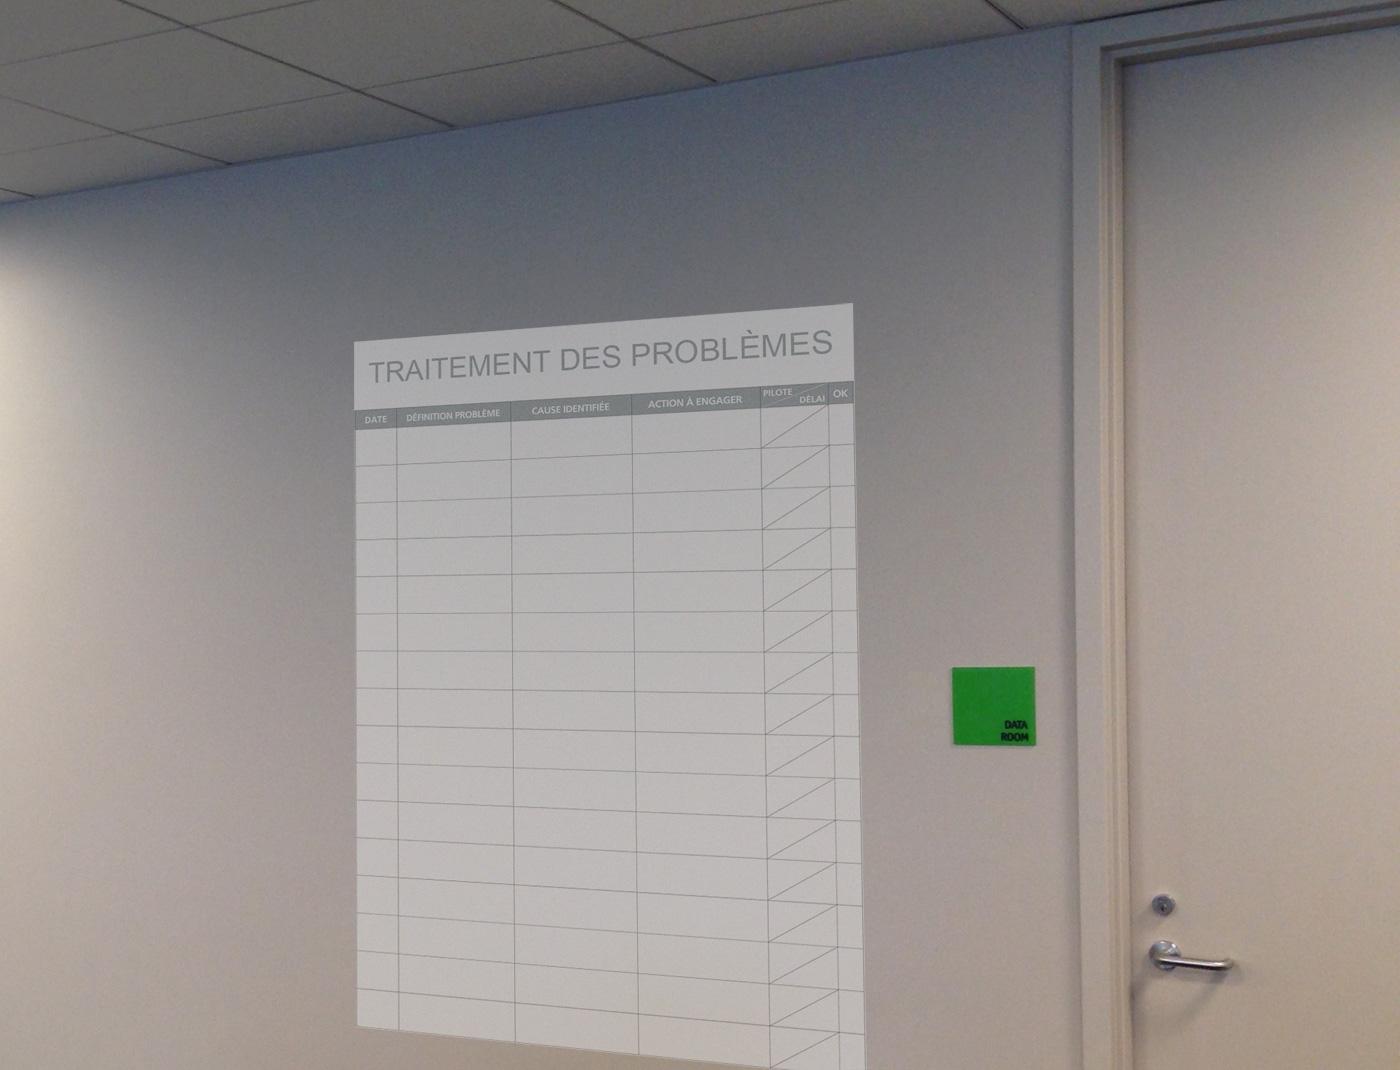 Poster de traitement des problèmes